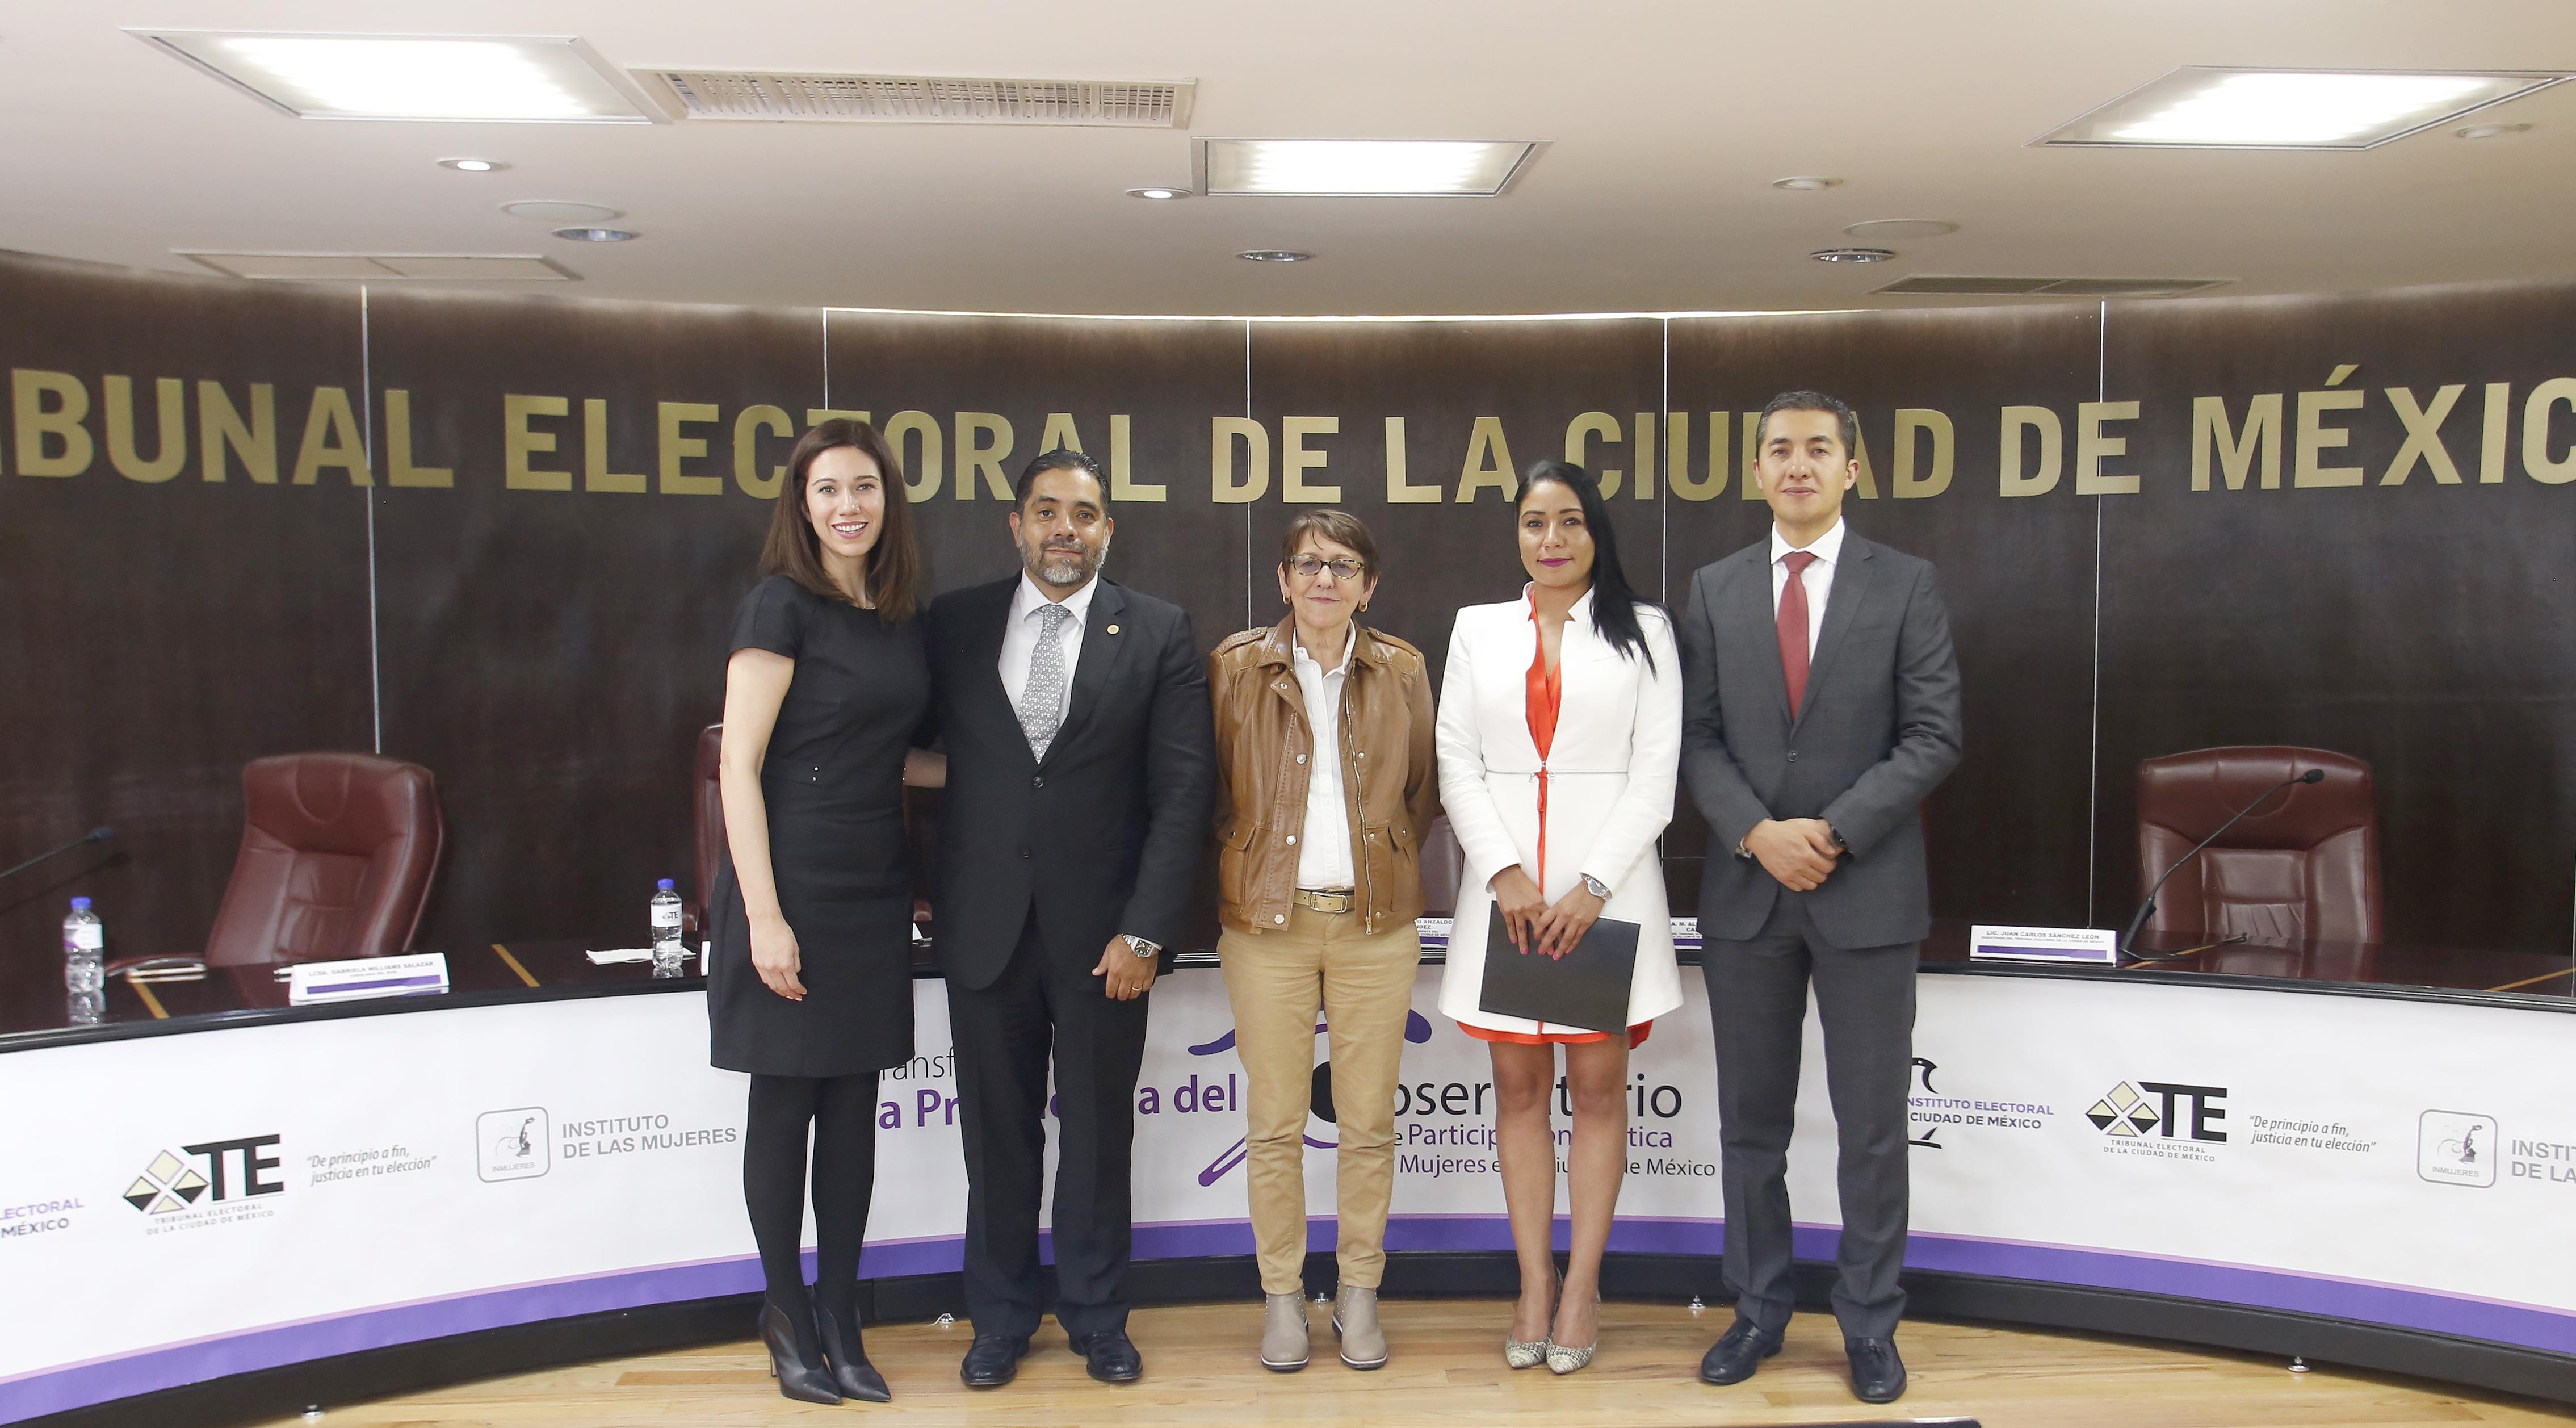 Recibe TECDMX, Presidencia del Observatorio de Participación Política de las Mujeres de la Ciudad de México